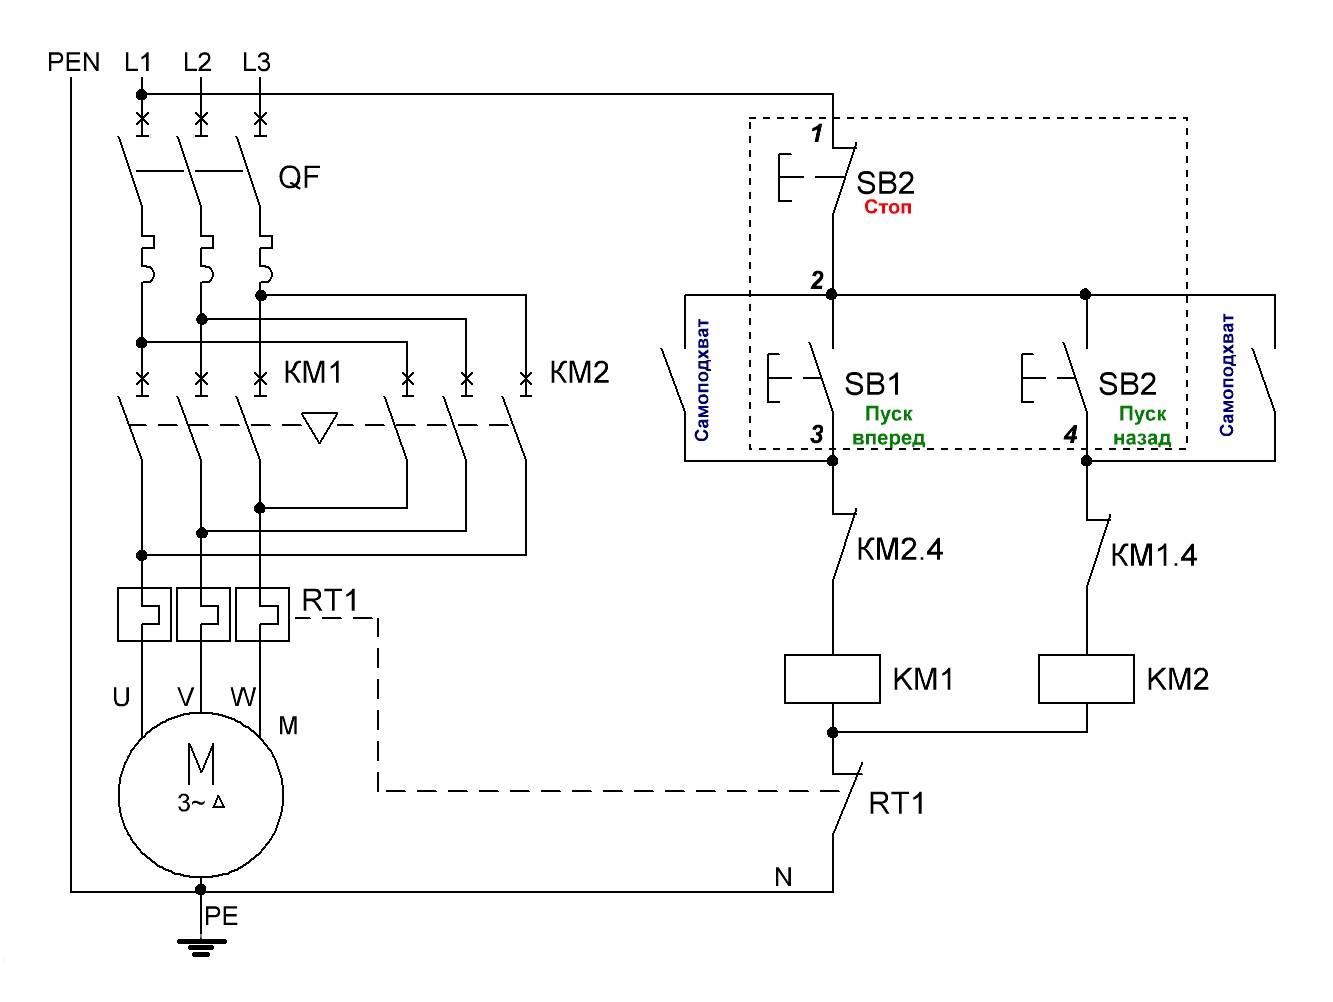 Как подключить пускатель на 380 - всё о электрике